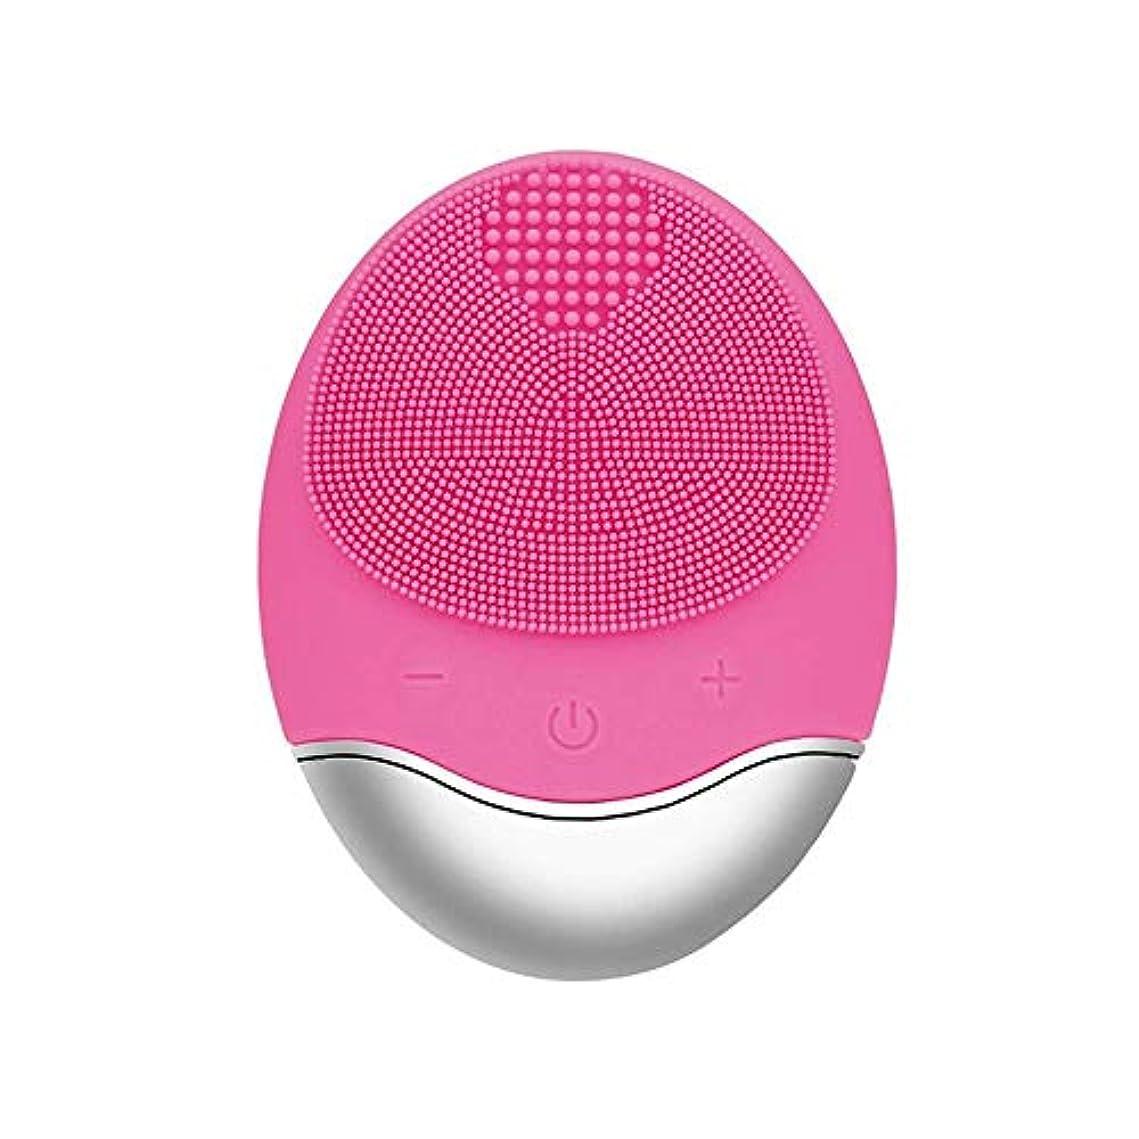 経験帰るスラックZXF 新しい竹炭クレンジング楽器クレンジングポア充電式電気シリコーンにきびクレンジング楽器ピンク 滑らかである